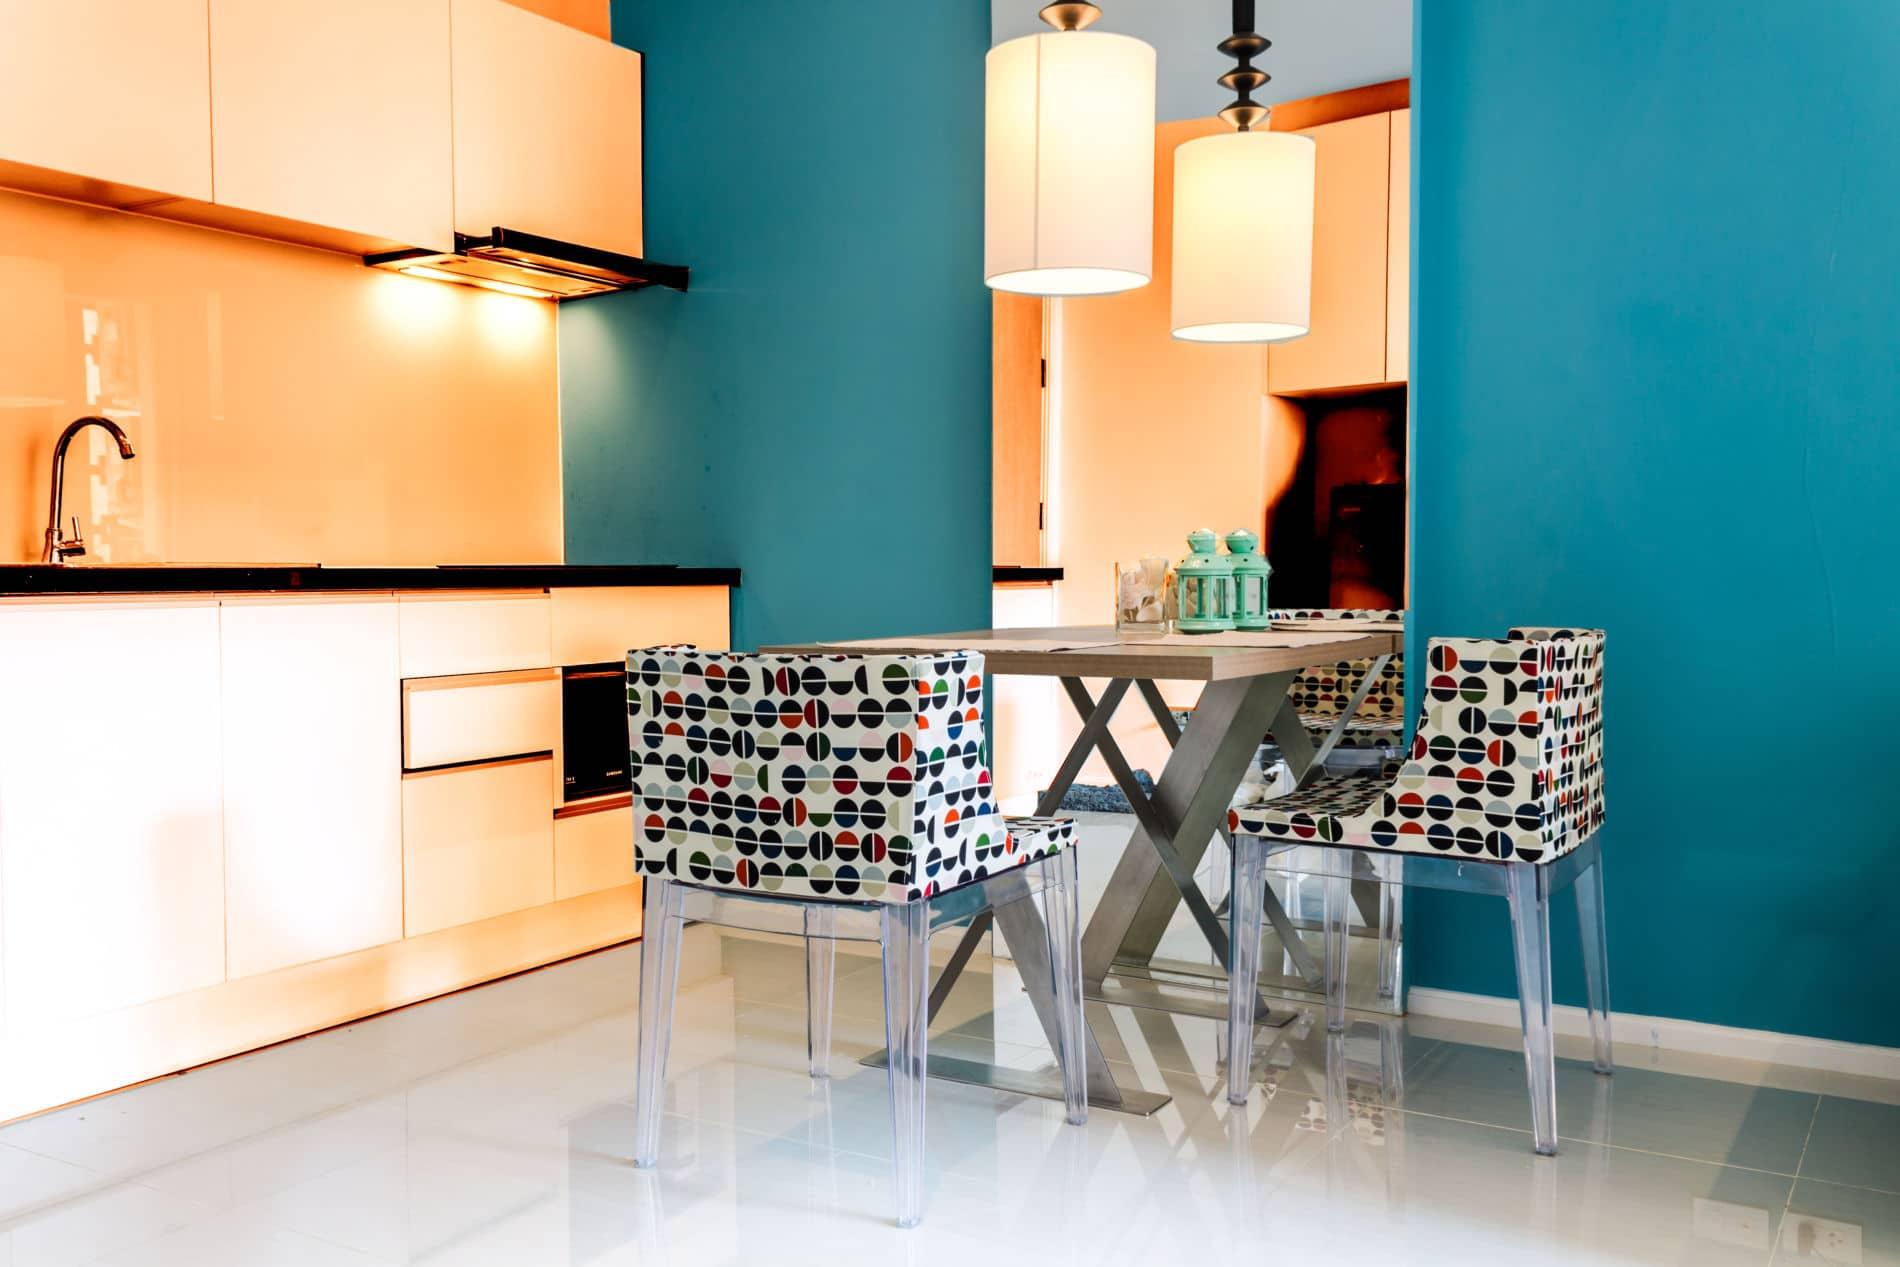 מטבחים מודרניים מעוצבים בצבע תכלת - צהבהב